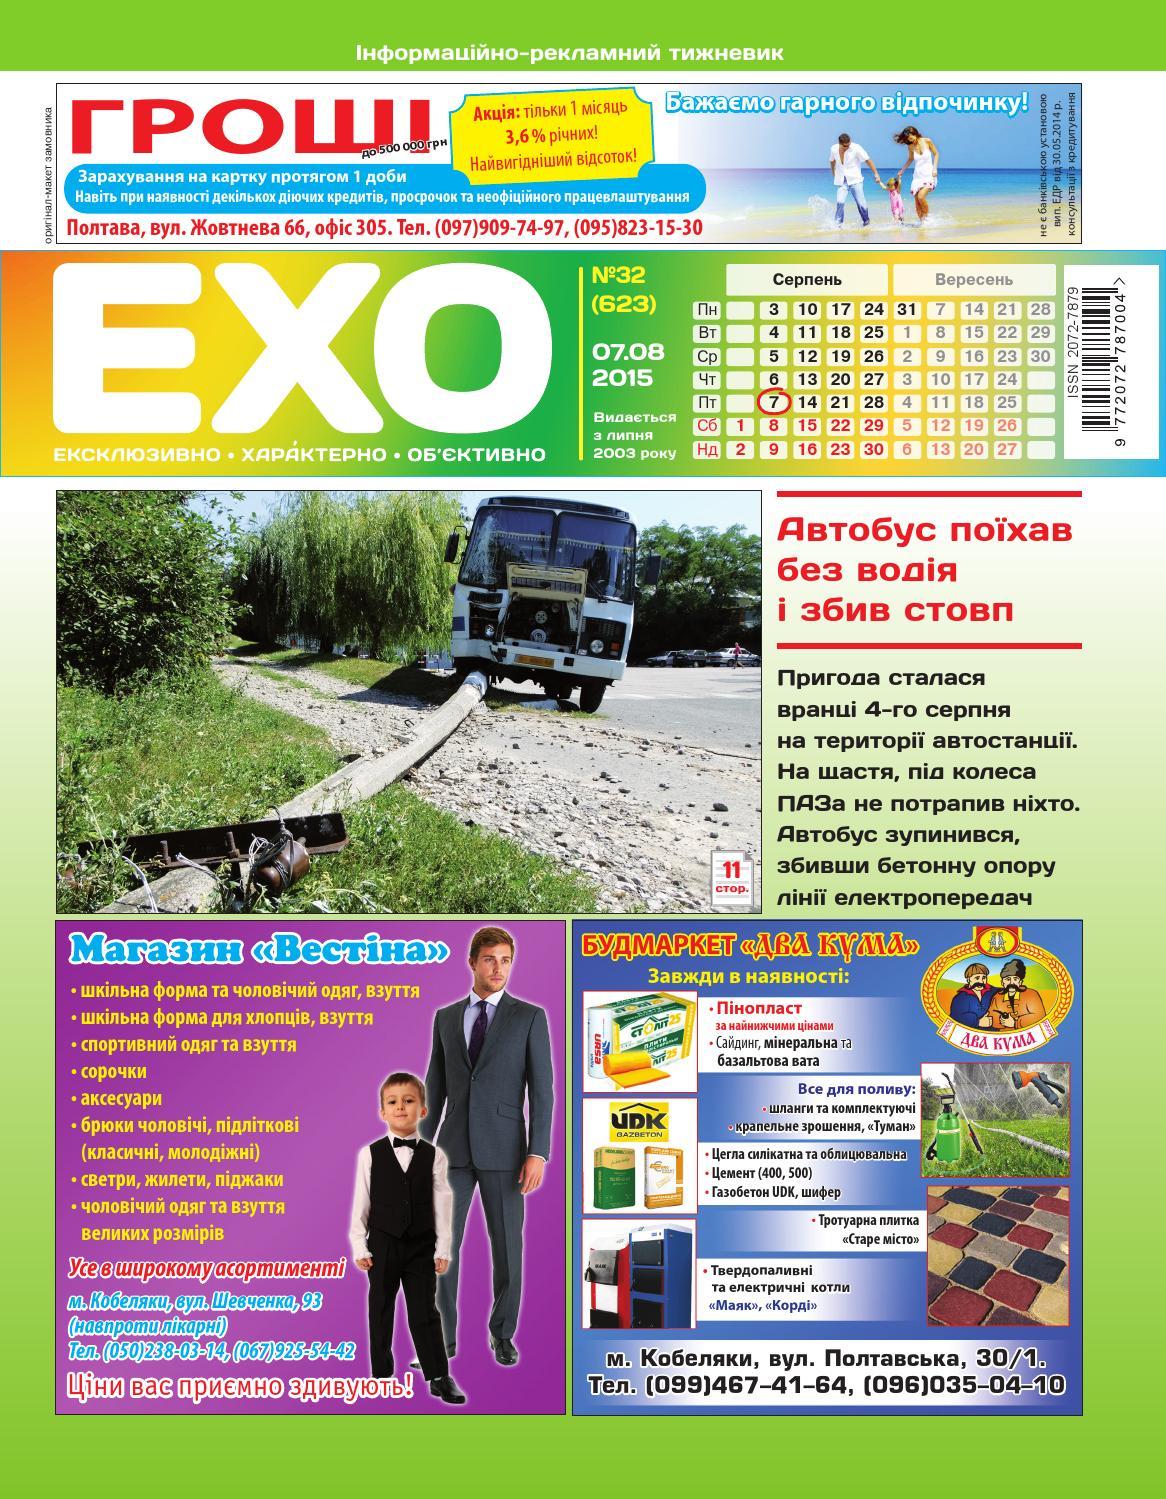 Газета «ЕХО» №32(623) by Тижневик «ЕХО» - issuu 138fb4e930a5d